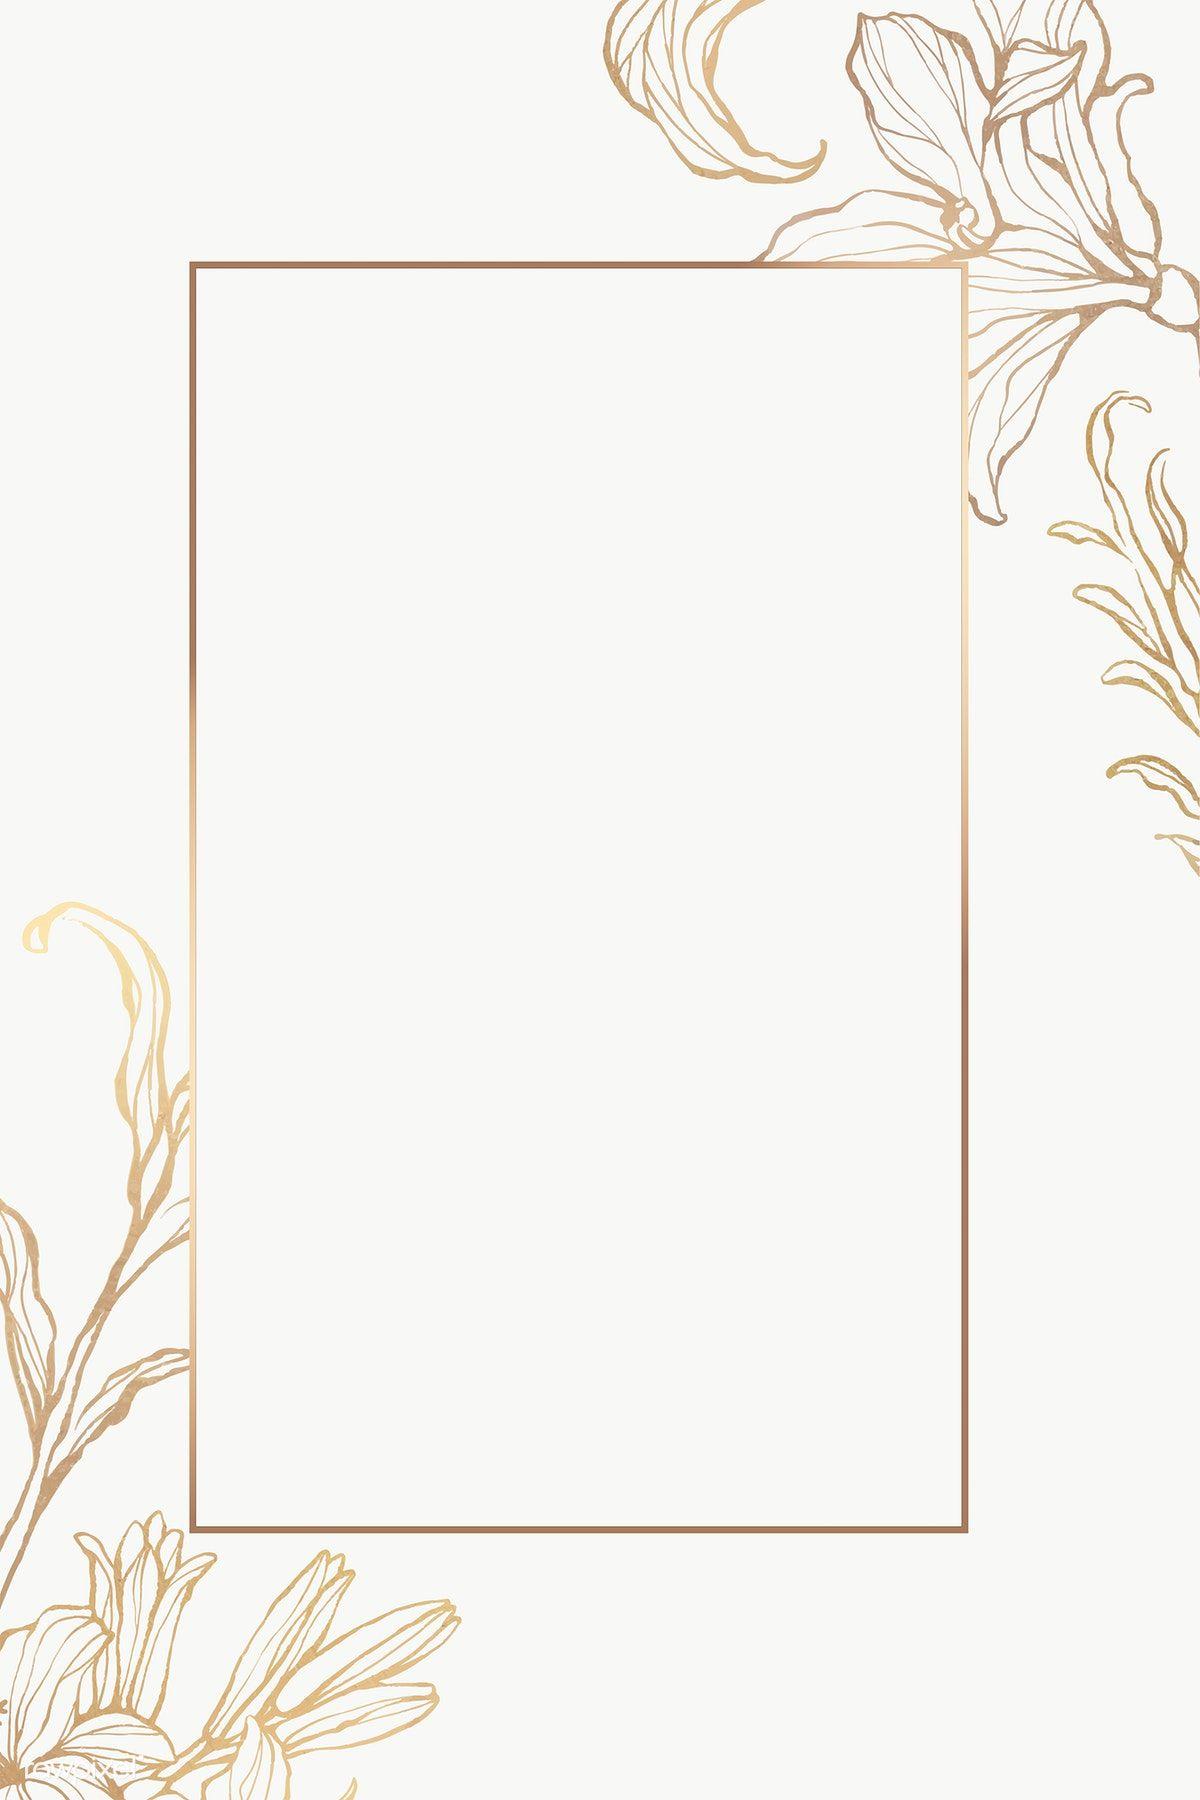 Rectangle Gold Frame With Floral Outline Premium Image By Rawpixel Com Nunny Vector V Frame Border Design Flower Graphic Design Gold Wallpaper Background